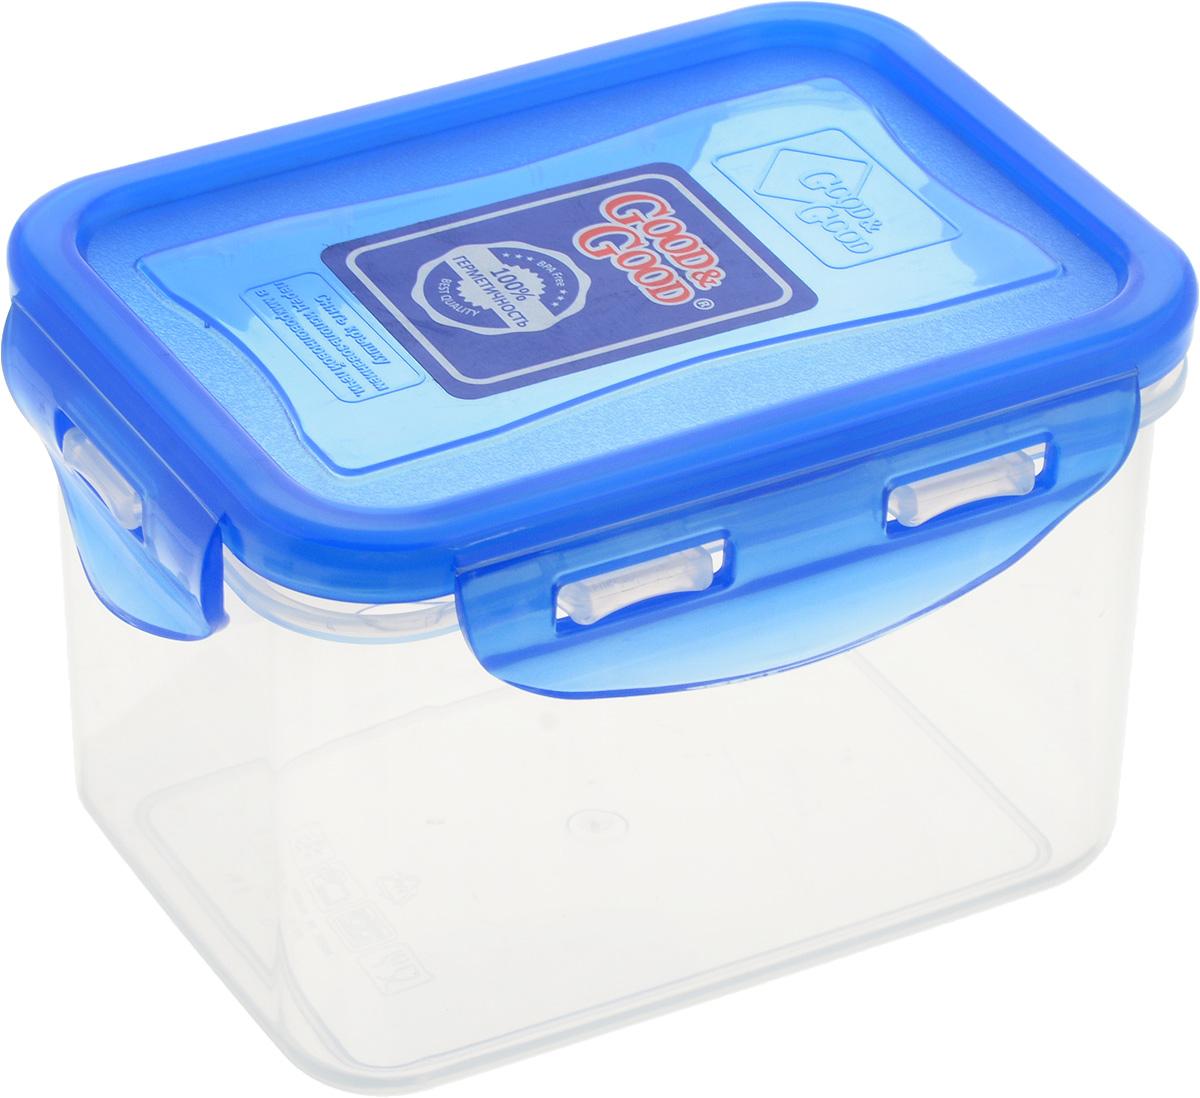 Контейнер пищевой Good&Good, цвет: прозрачный, синий, 630 мл02-2/LIDCOLПрямоугольный контейнер Good&Good изготовлен из высококачественного полипропилена и предназначен для хранения любых пищевых продуктов. Благодаря особым технологиям изготовления, лотки в течение времени службы не меняют цвет и не пропитываются запахами. Крышка с силиконовой вставкой герметично защелкивается специальным механизмом. Контейнер Good&Good удобен для ежедневного использования в быту. Можно мыть в посудомоечной машине и использовать в микроволновой печи. Размер контейнера (с учетом крышки): 13 х 10 х 8,5 см.